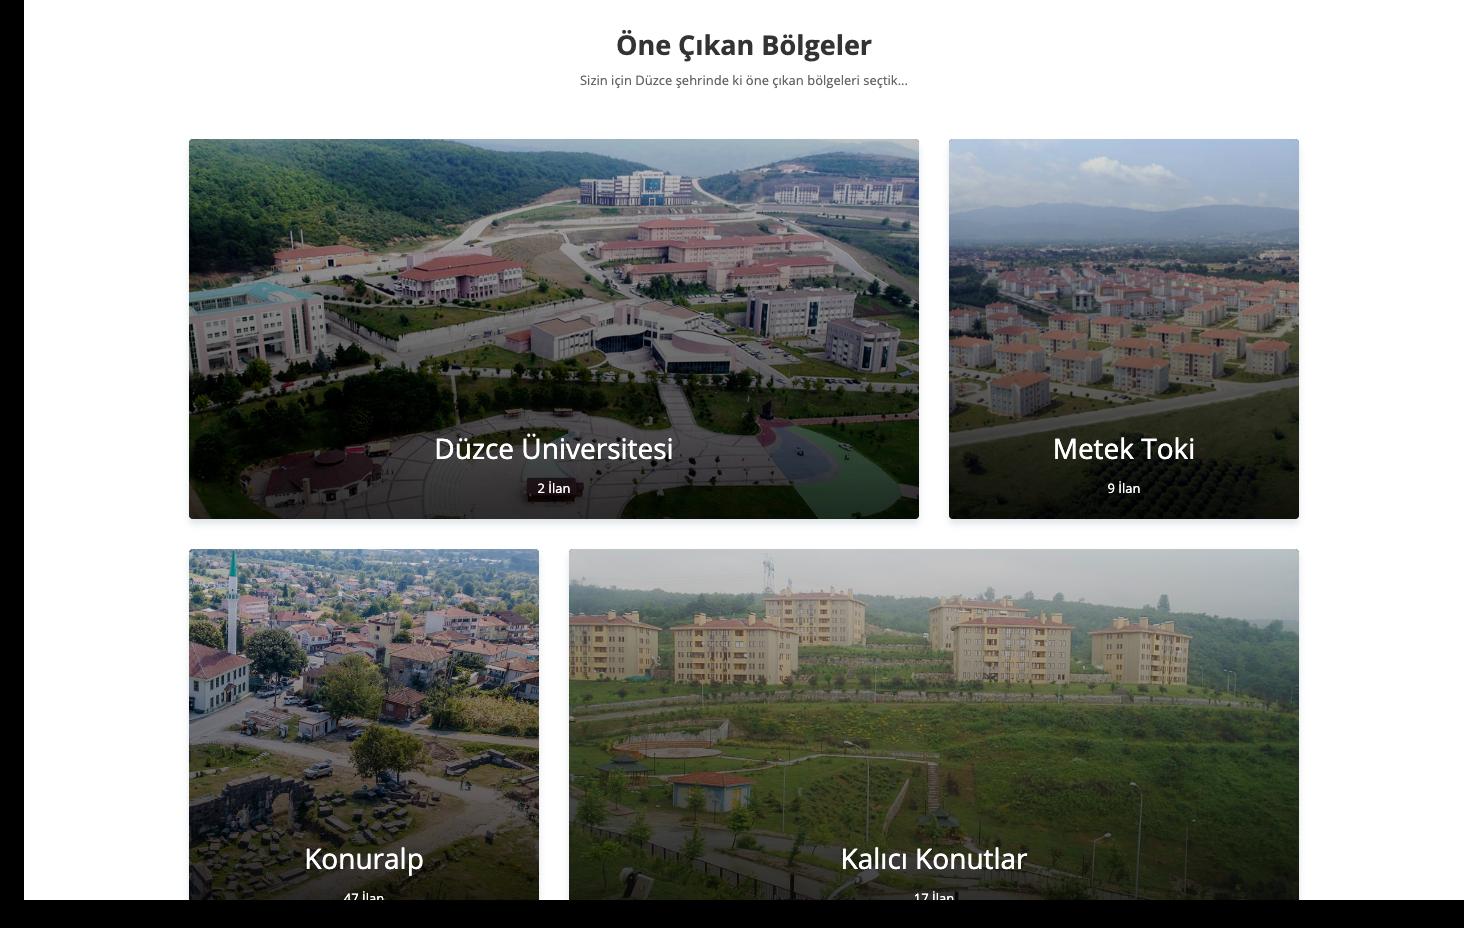 Şu an için Düzce'nin en çok emlak ilanını bünyesinde bulunduran Emlak8.net, önümüzdeki günlerde tüm Türkiye'de Düzce'de ki başarısını sürdürmeyi amaçlamaktadır.